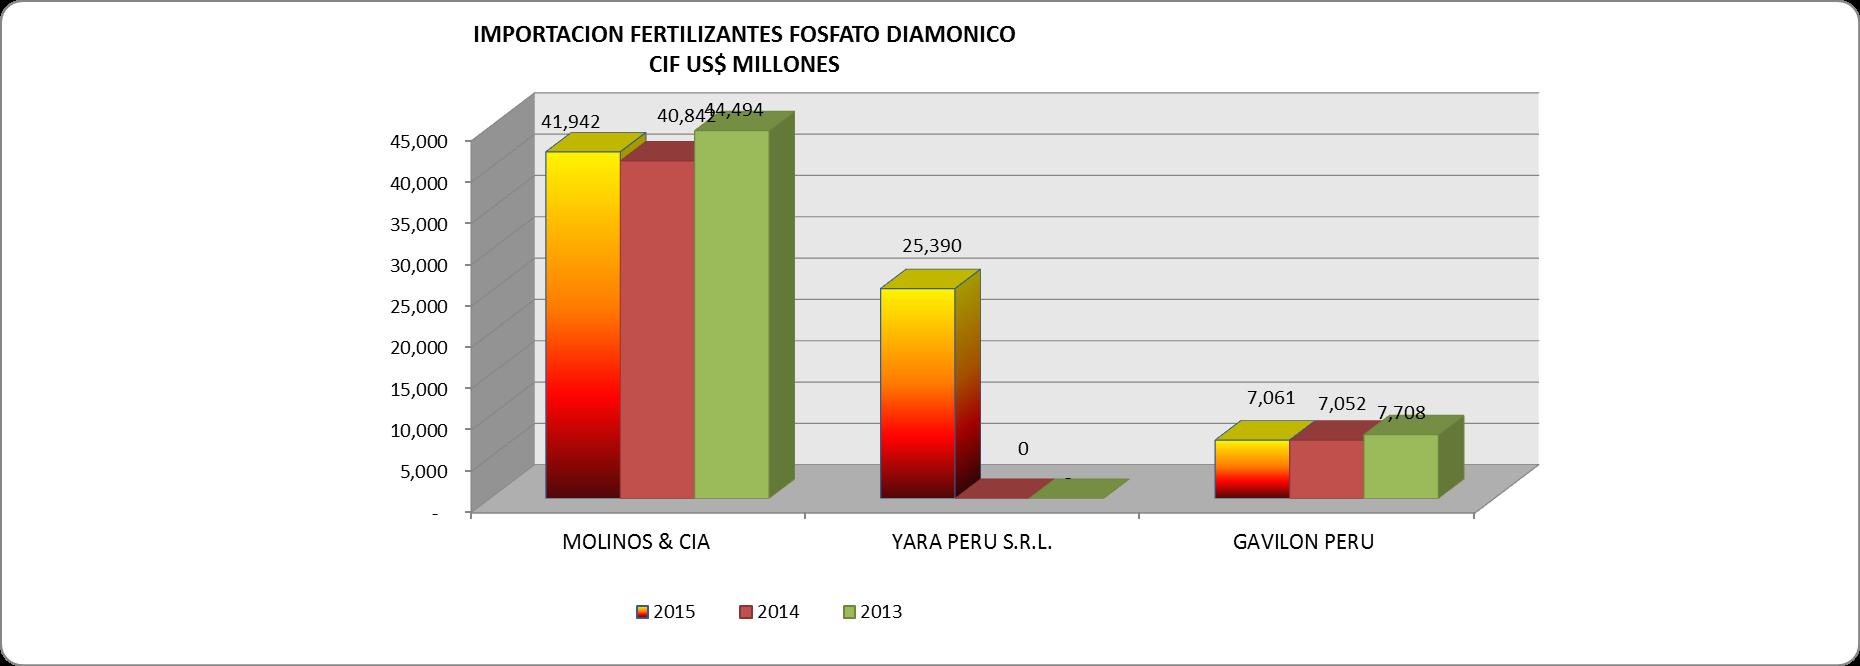 Fosfato Diamónico Perú Importación Diciembre 2015